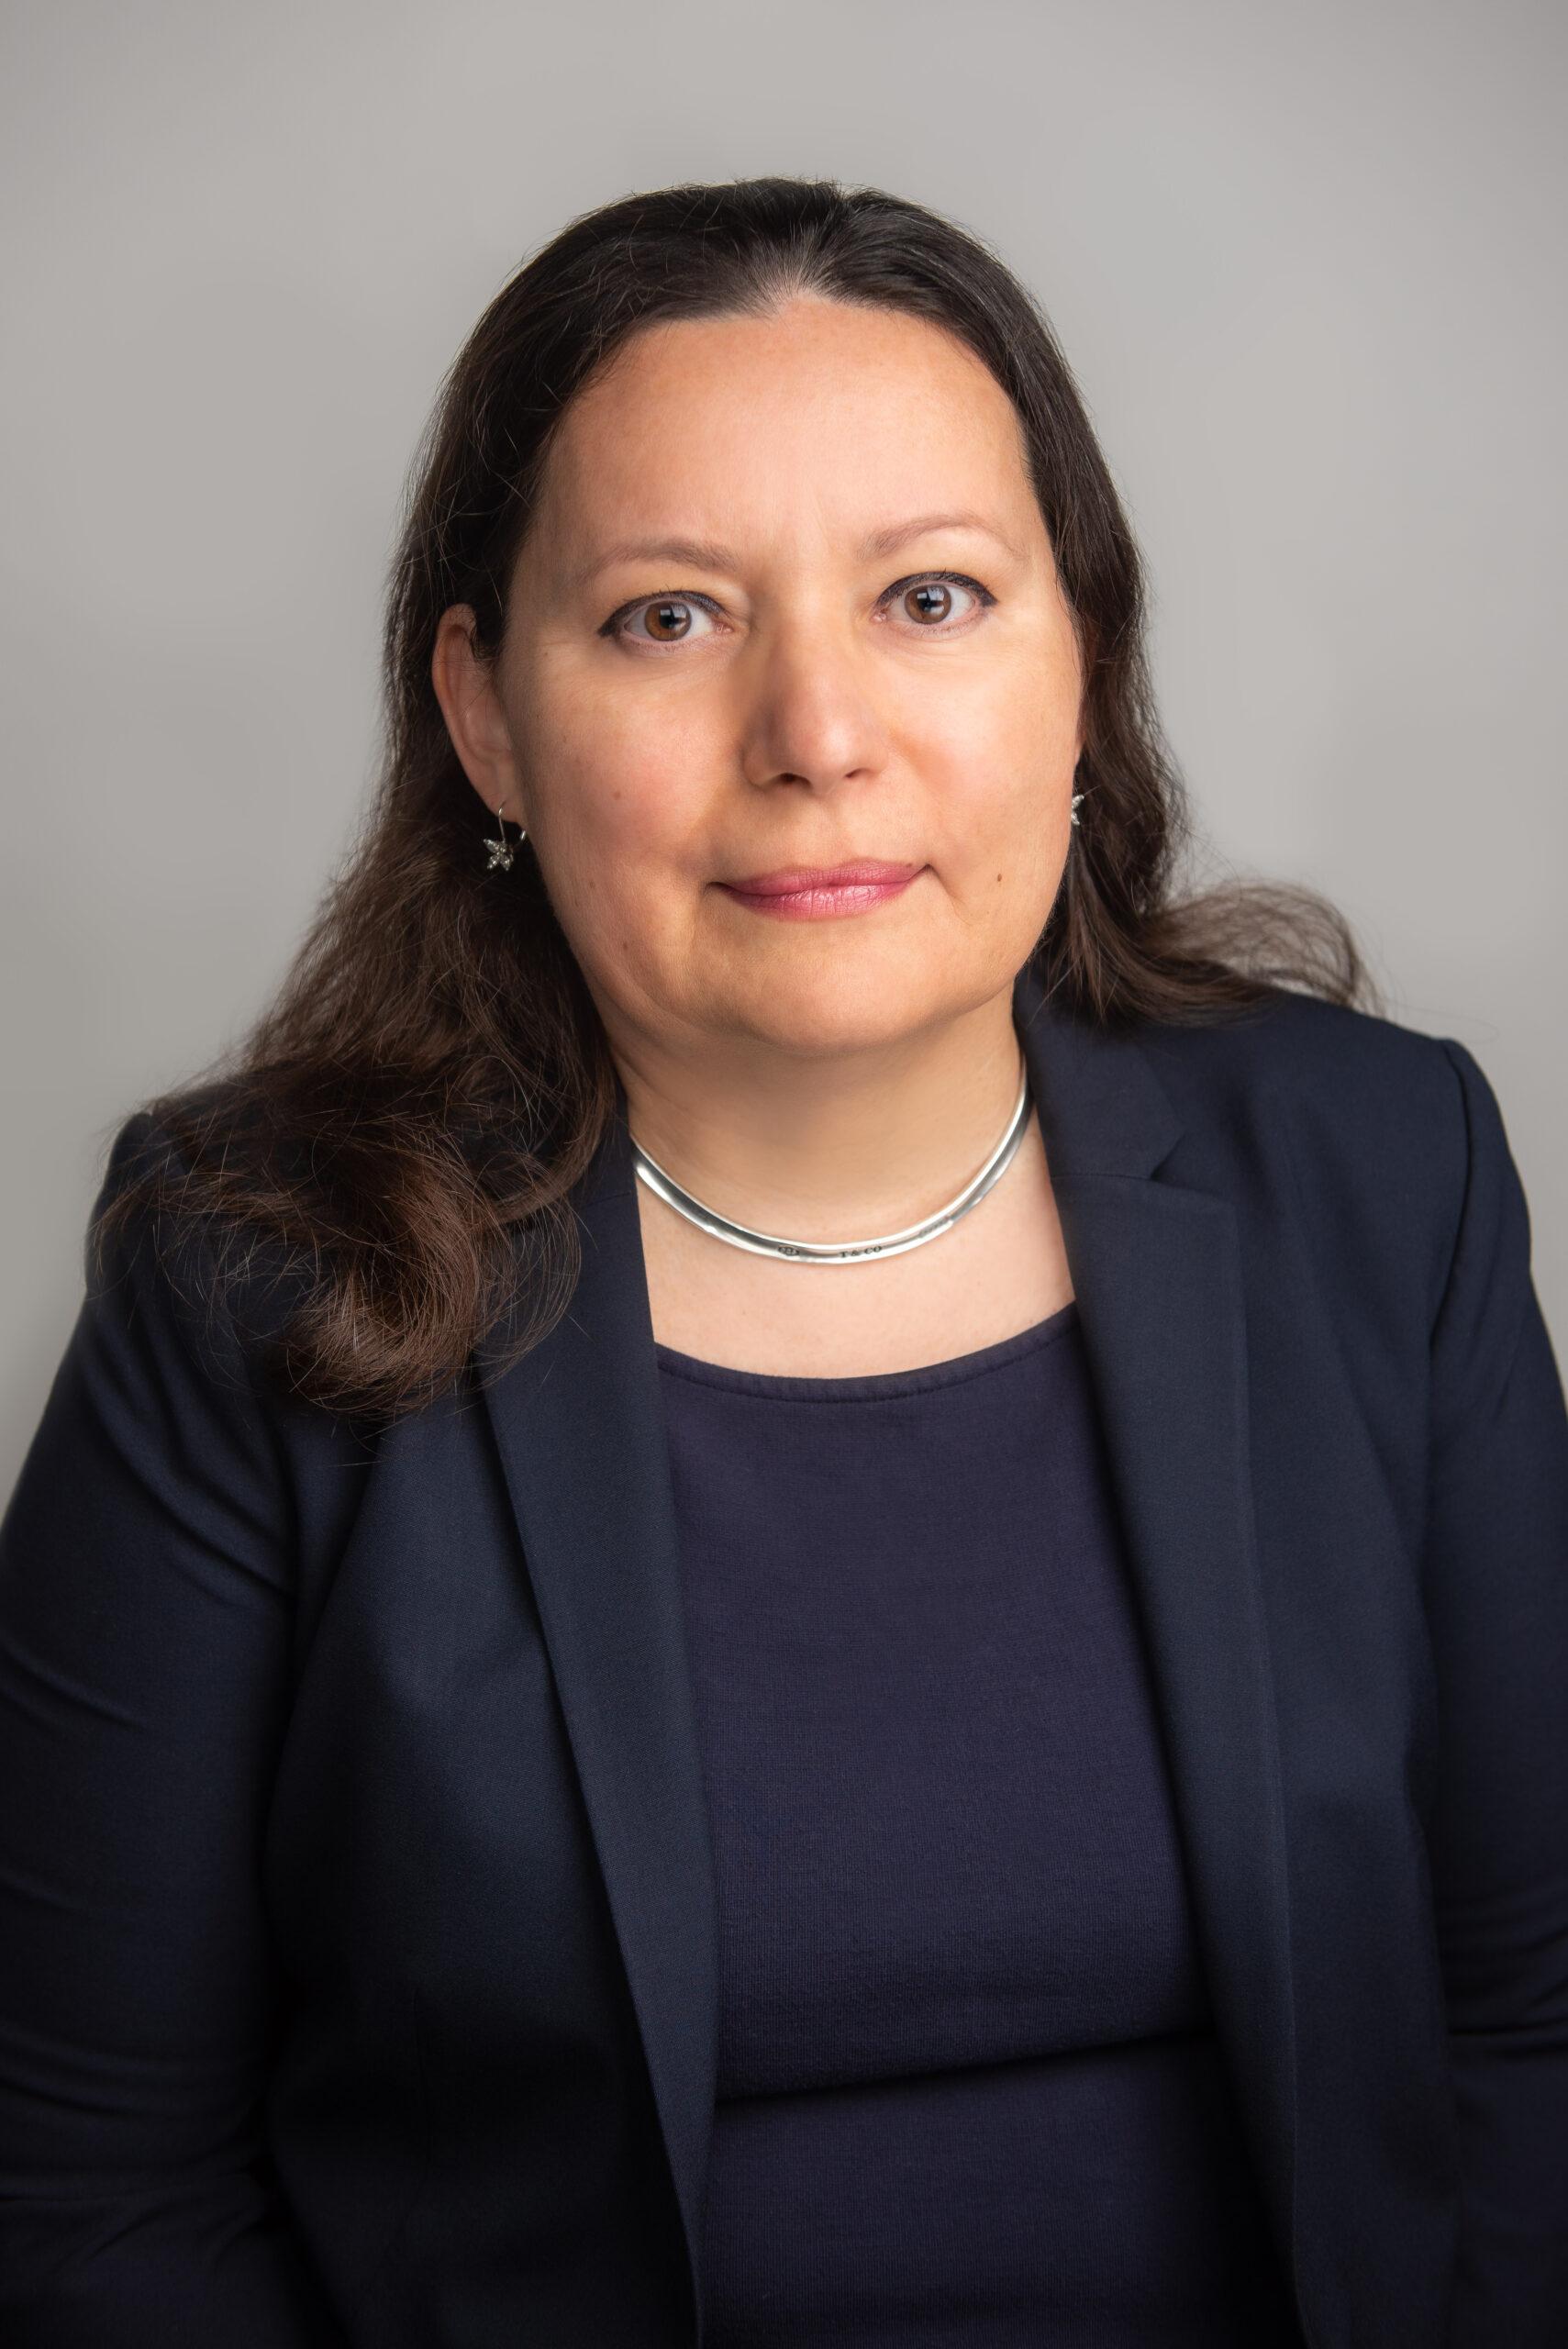 Anna Amaczi, IACCP®